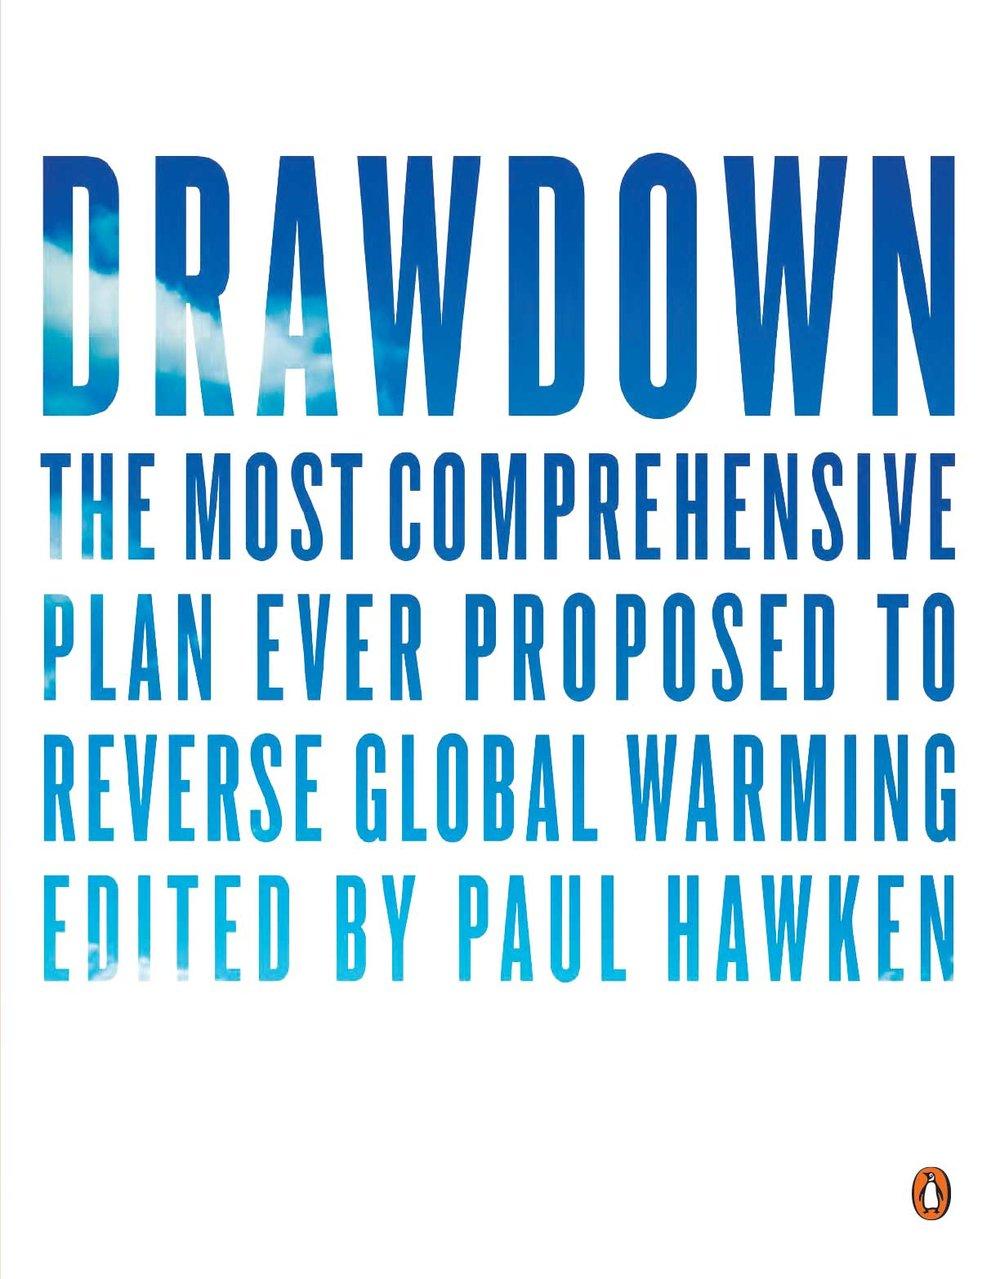 drawdown_book_cover.jpg